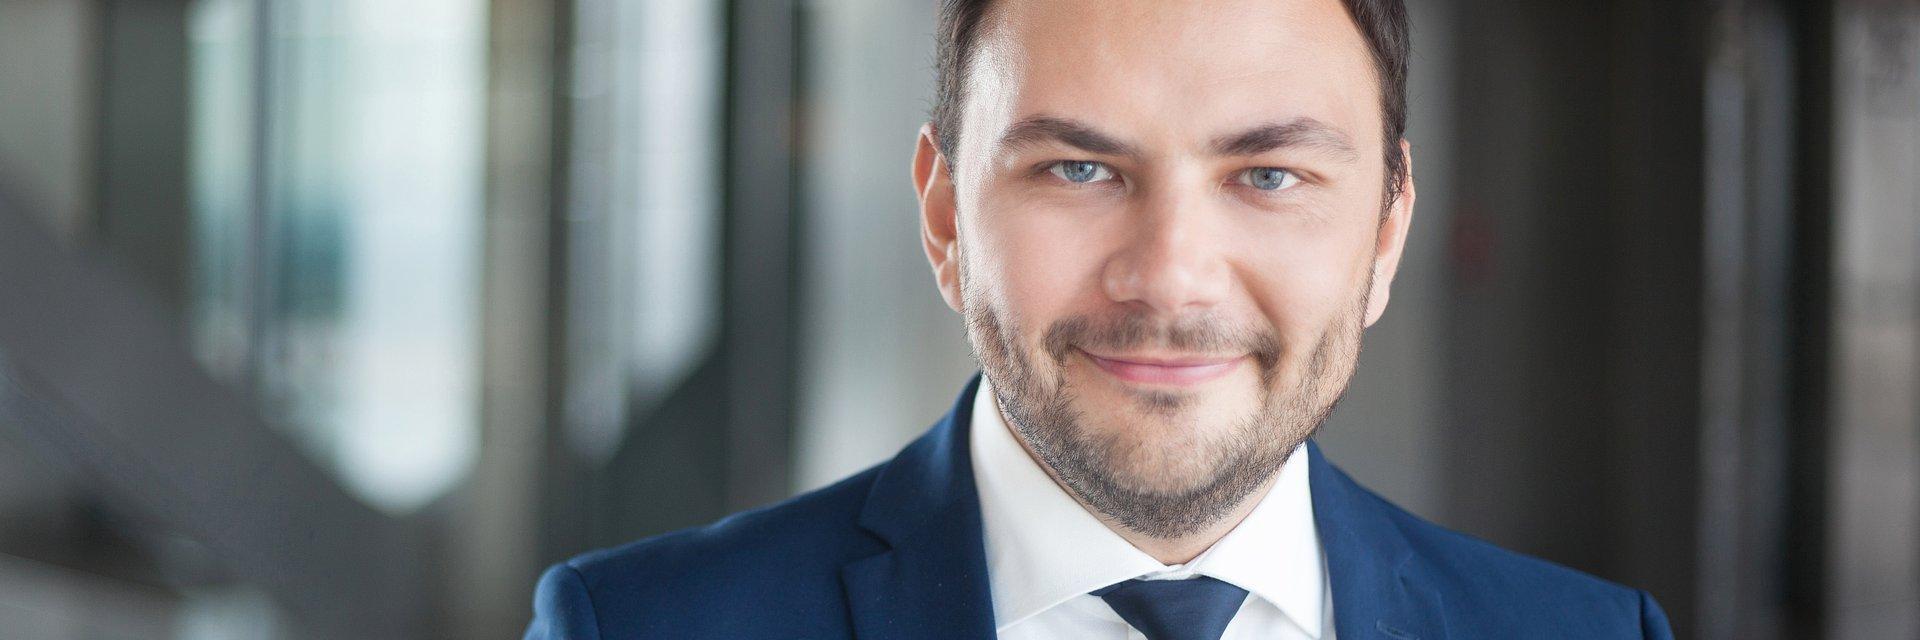 Katowice w centrum zainteresowania CBRE, nowy szef w regionie